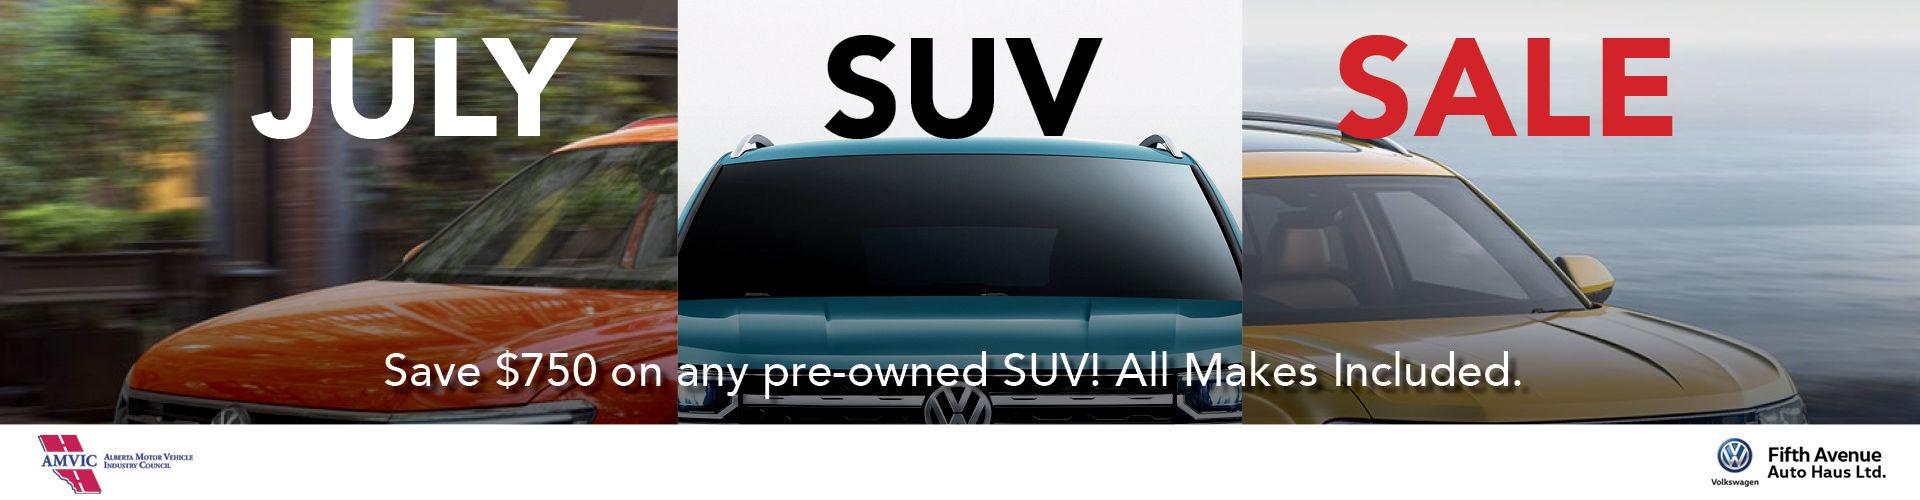 750 Used SUV Desktop